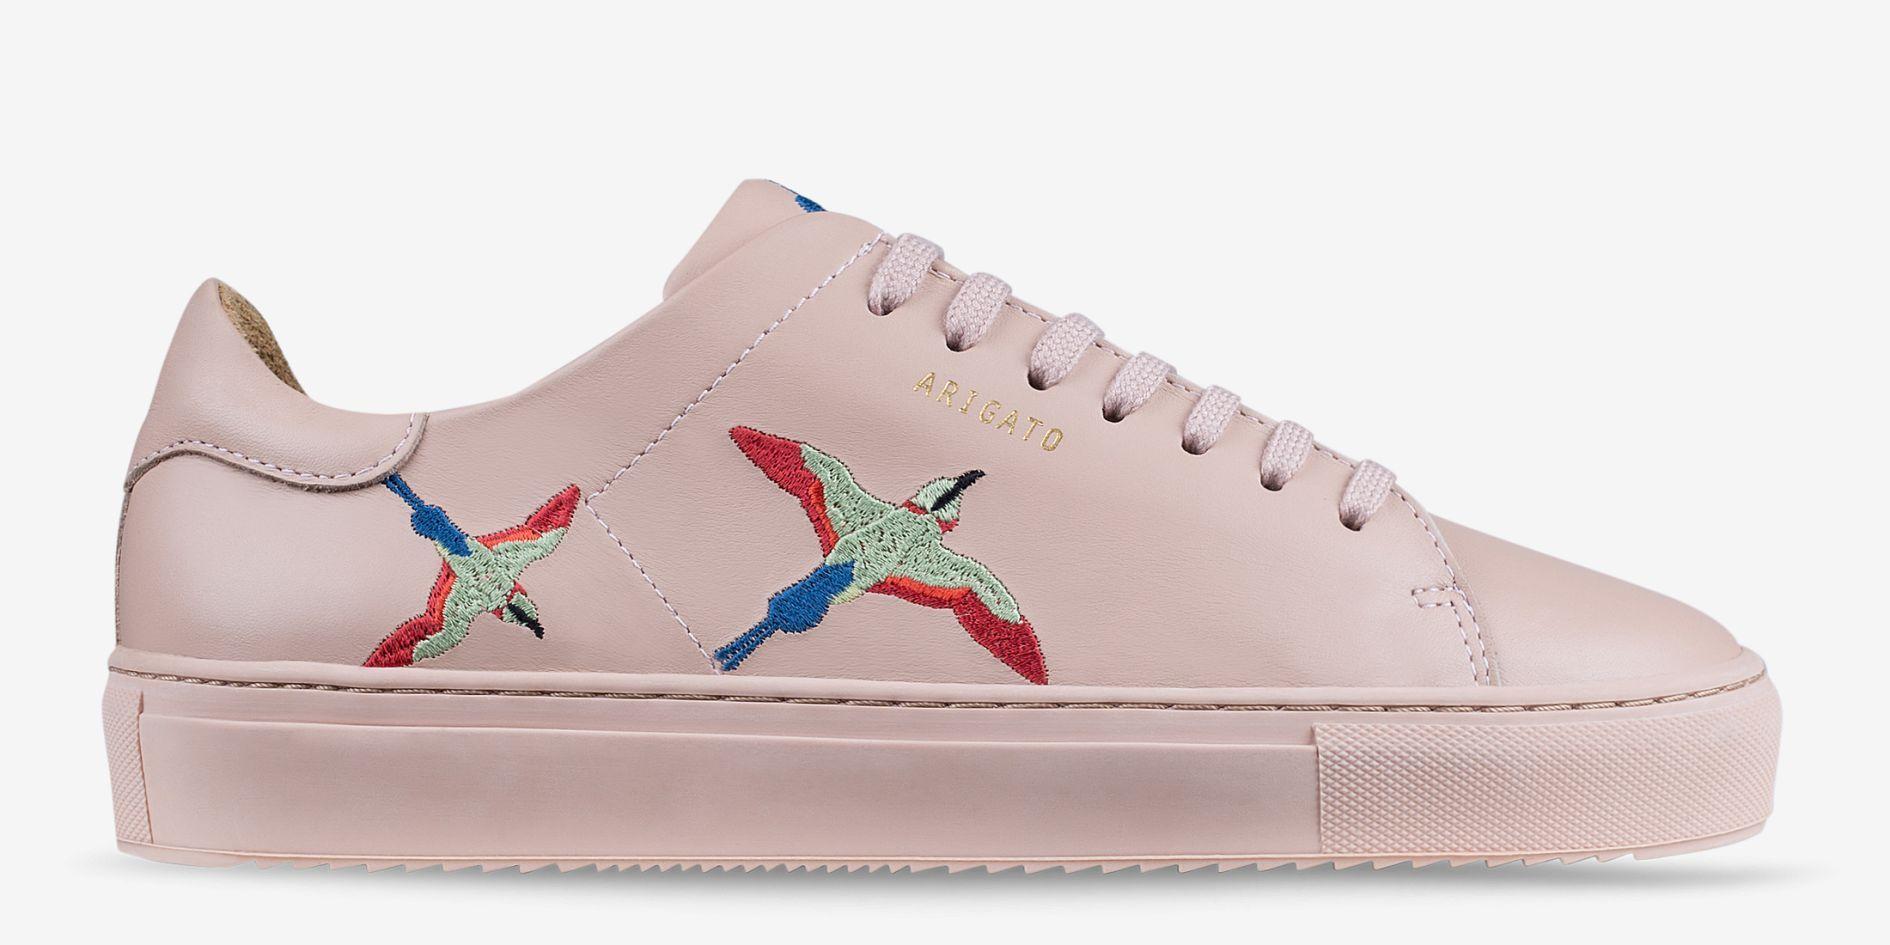 Skor från Adidas Herr Farfetch